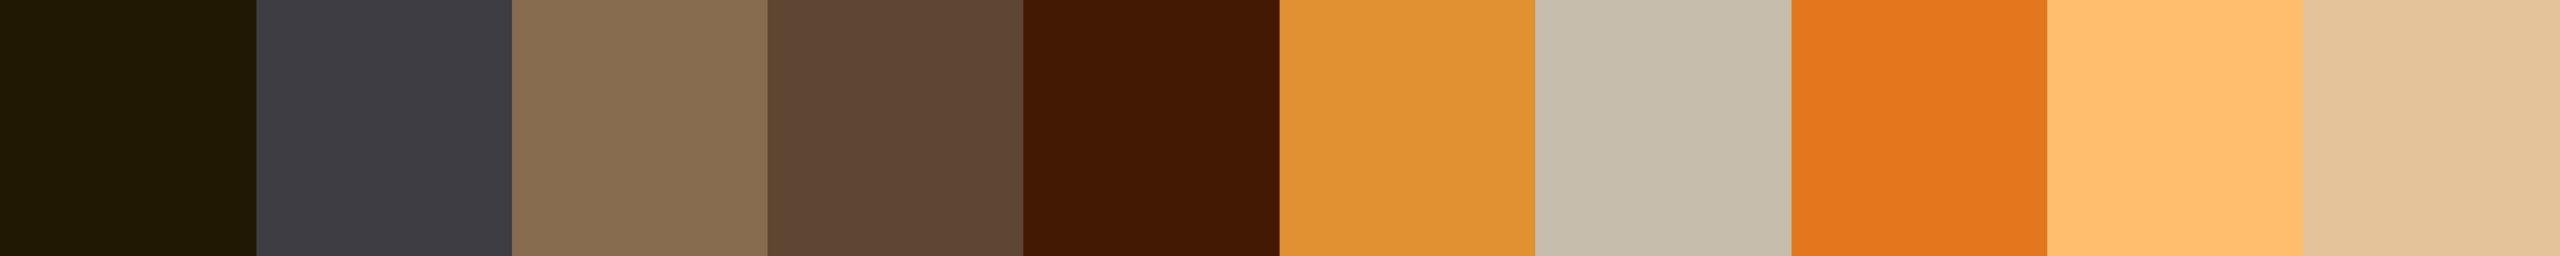 244 Tigrea Color Palette